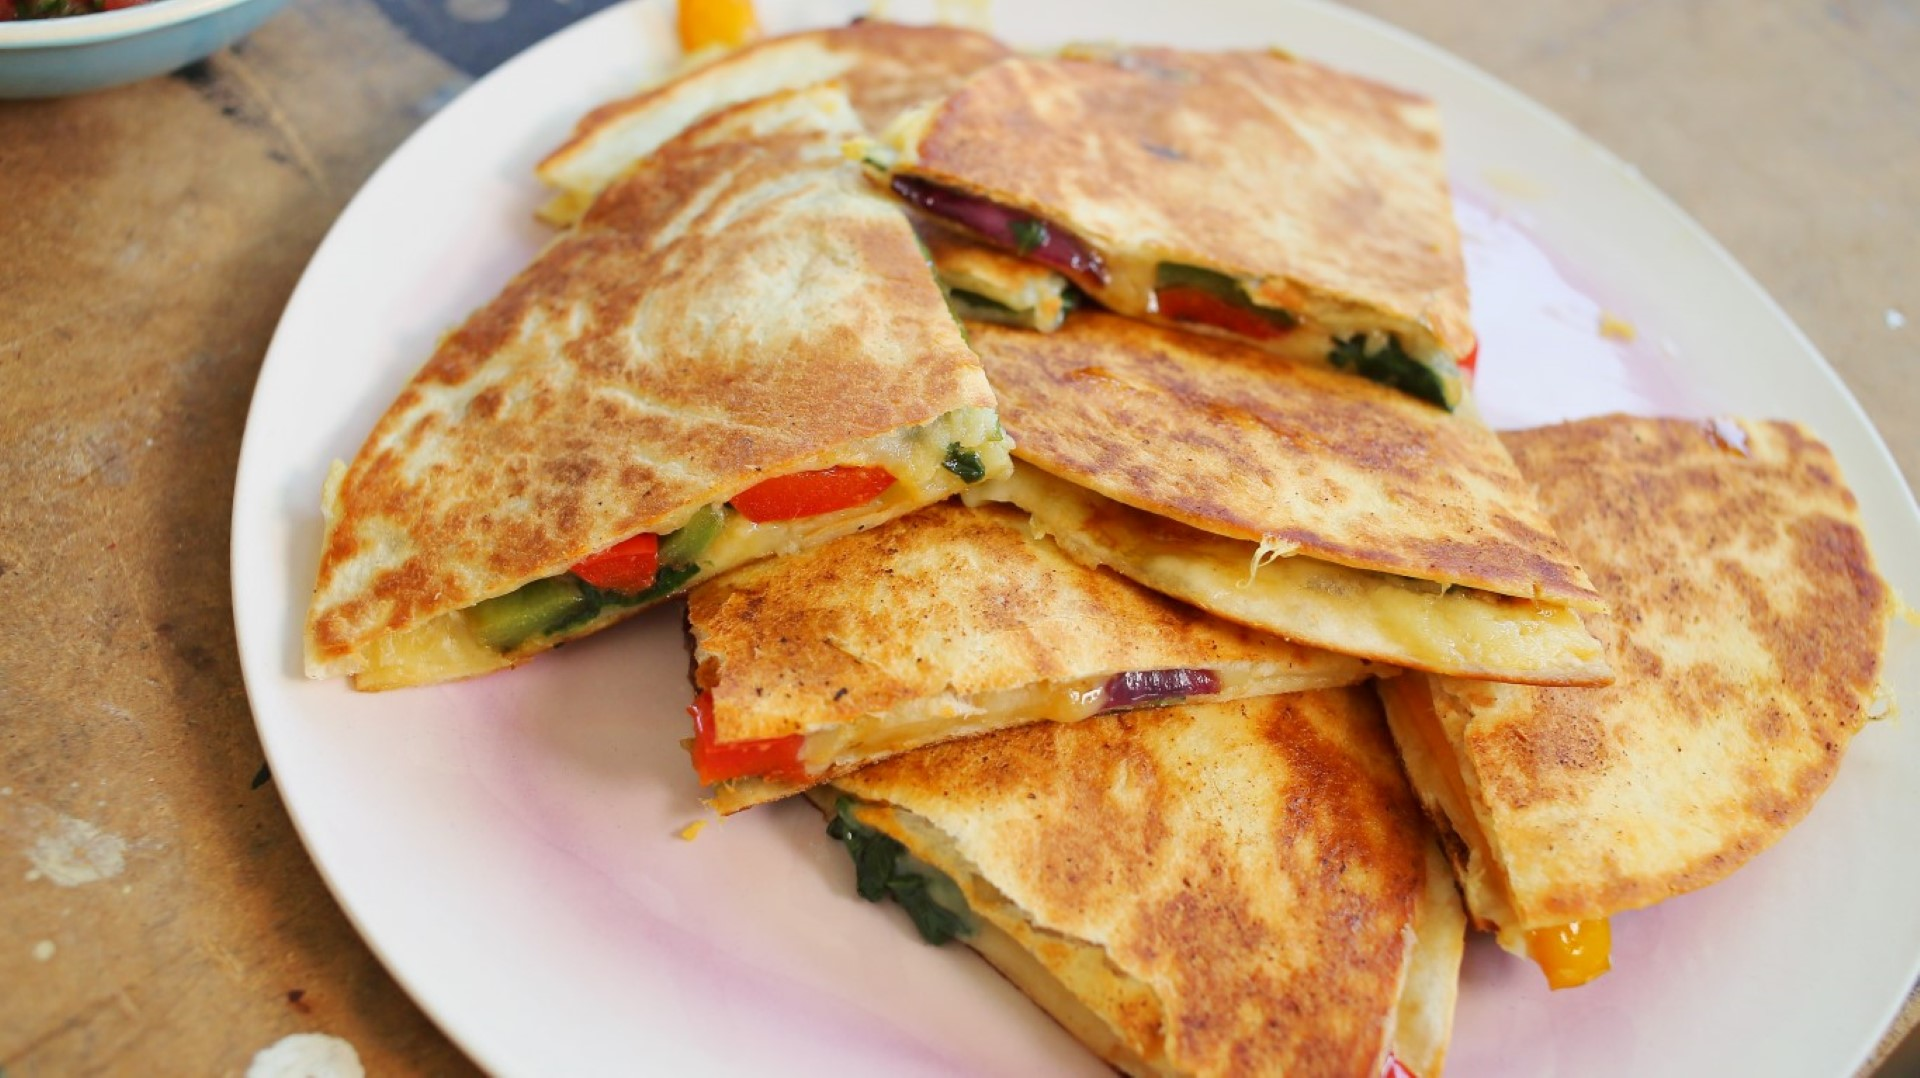 zöldséges quesadilla